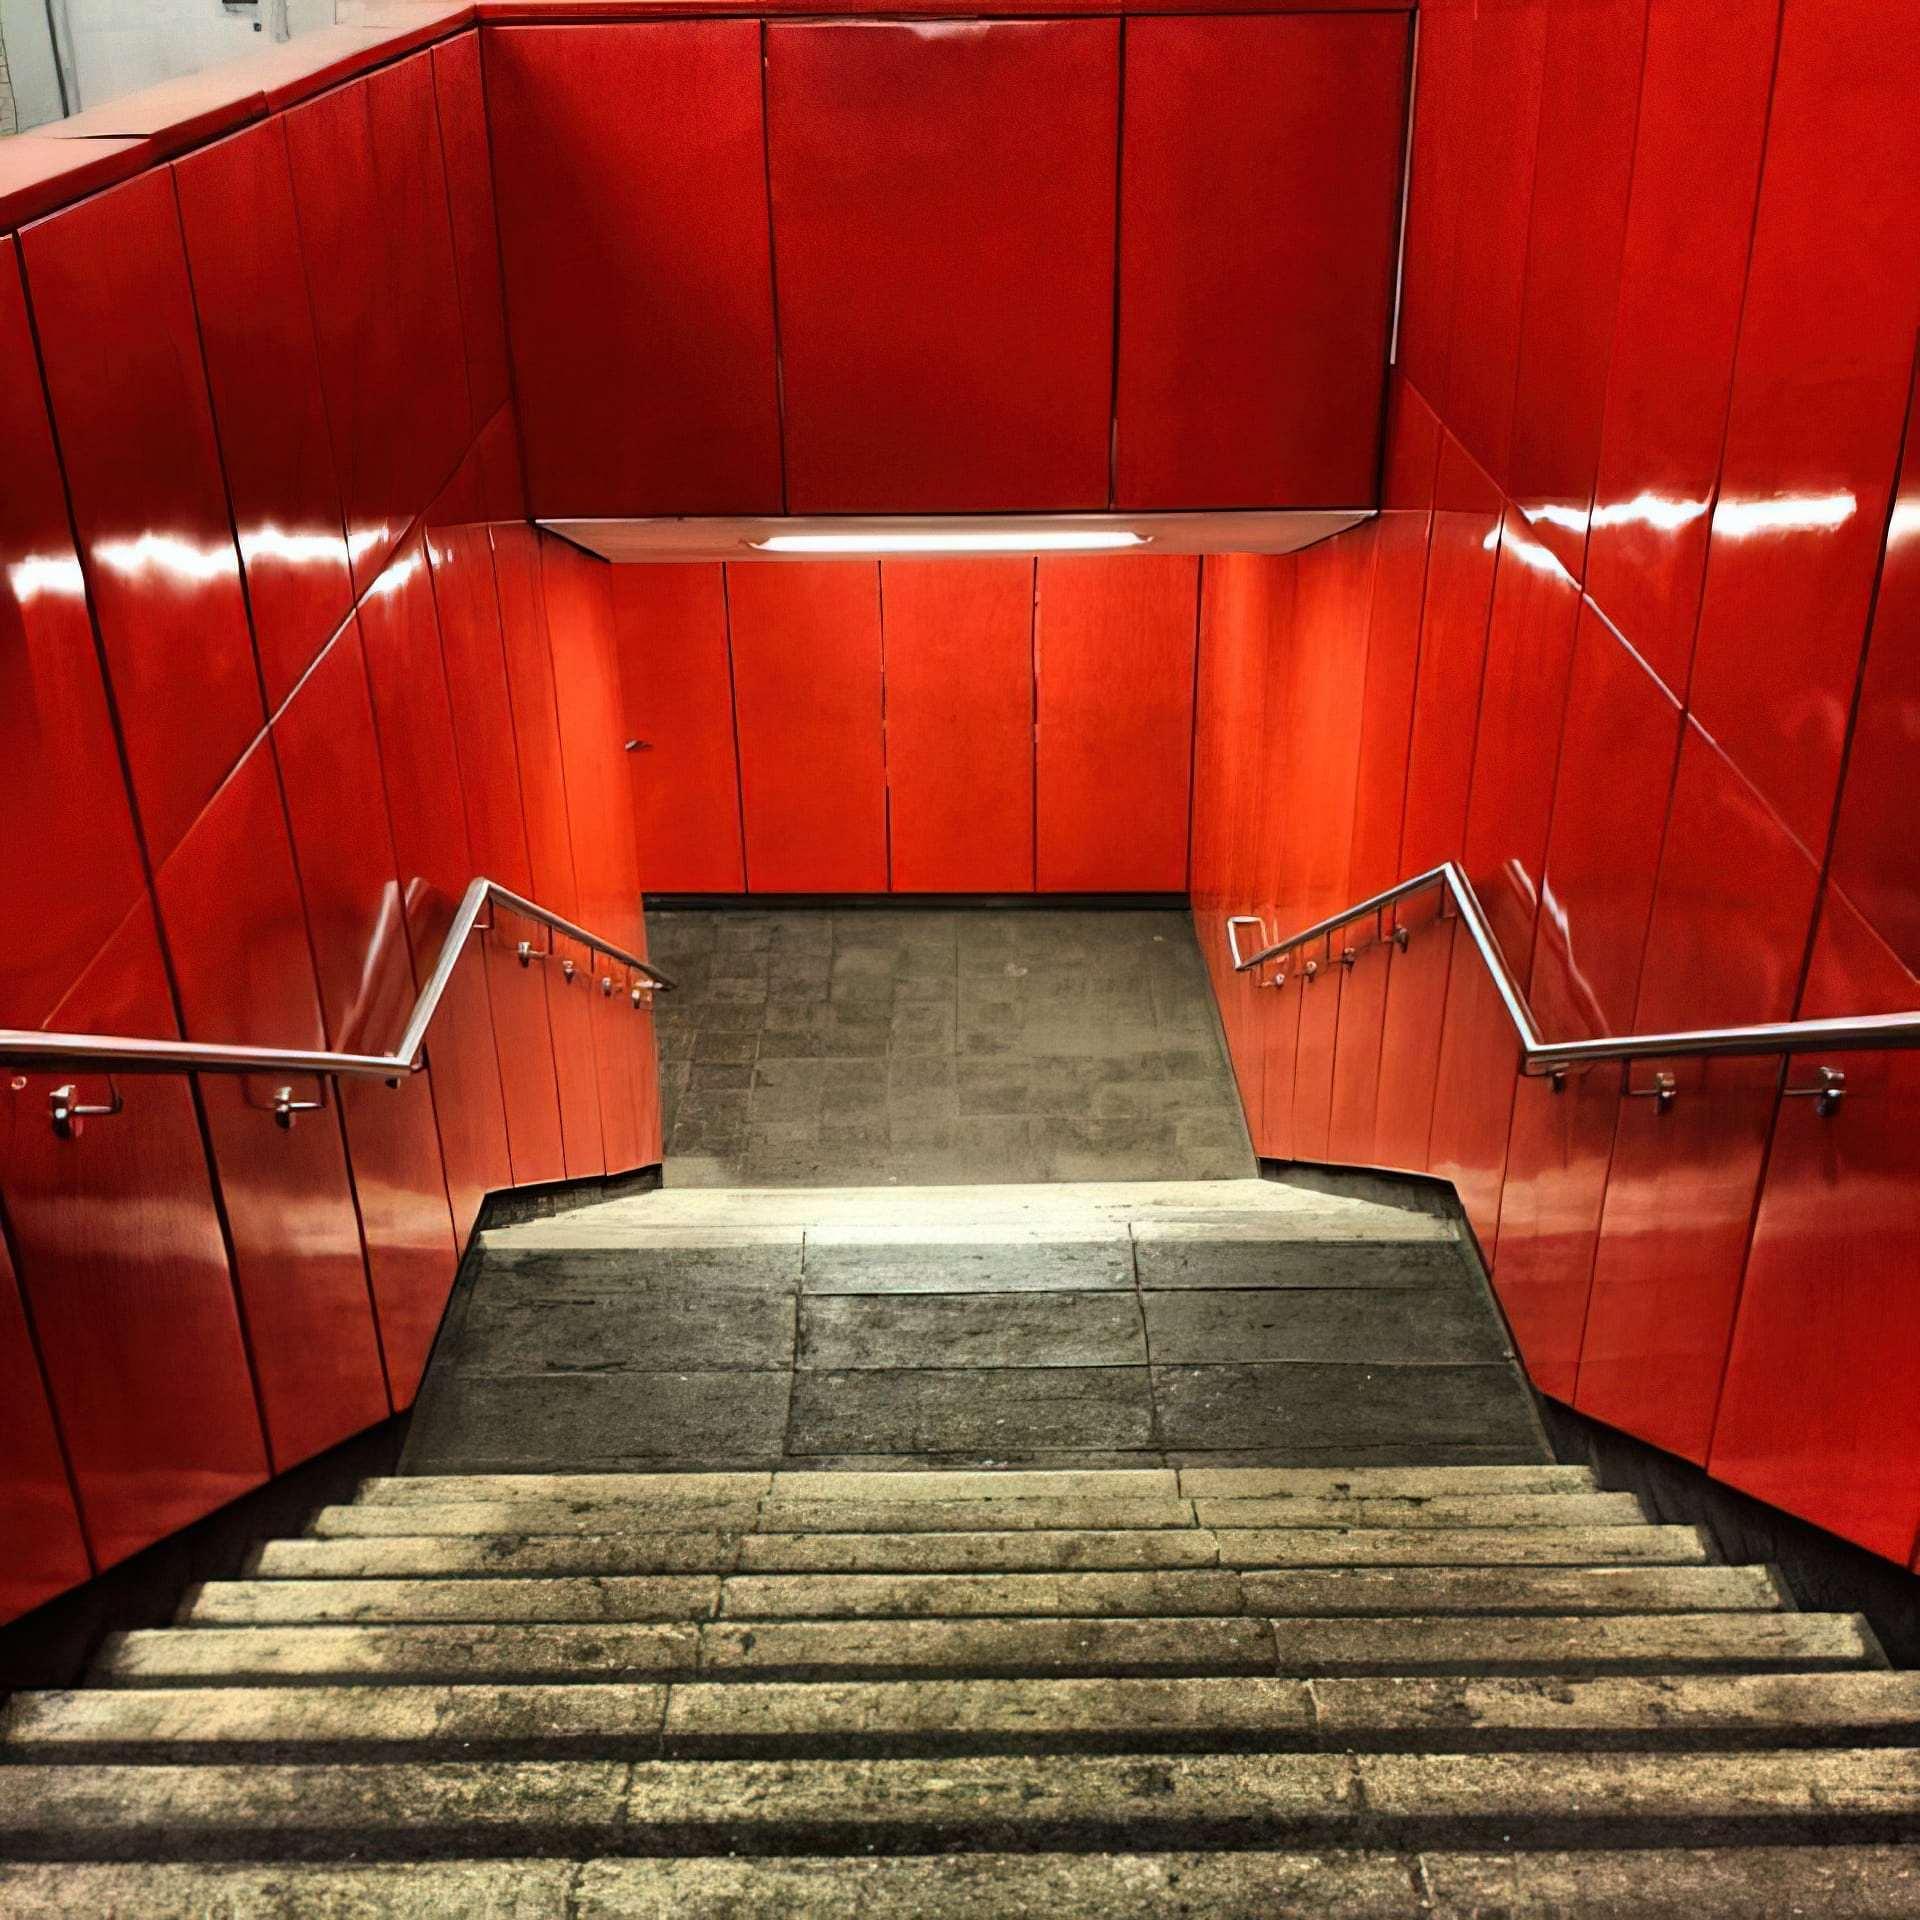 Seeing #red #Berlin